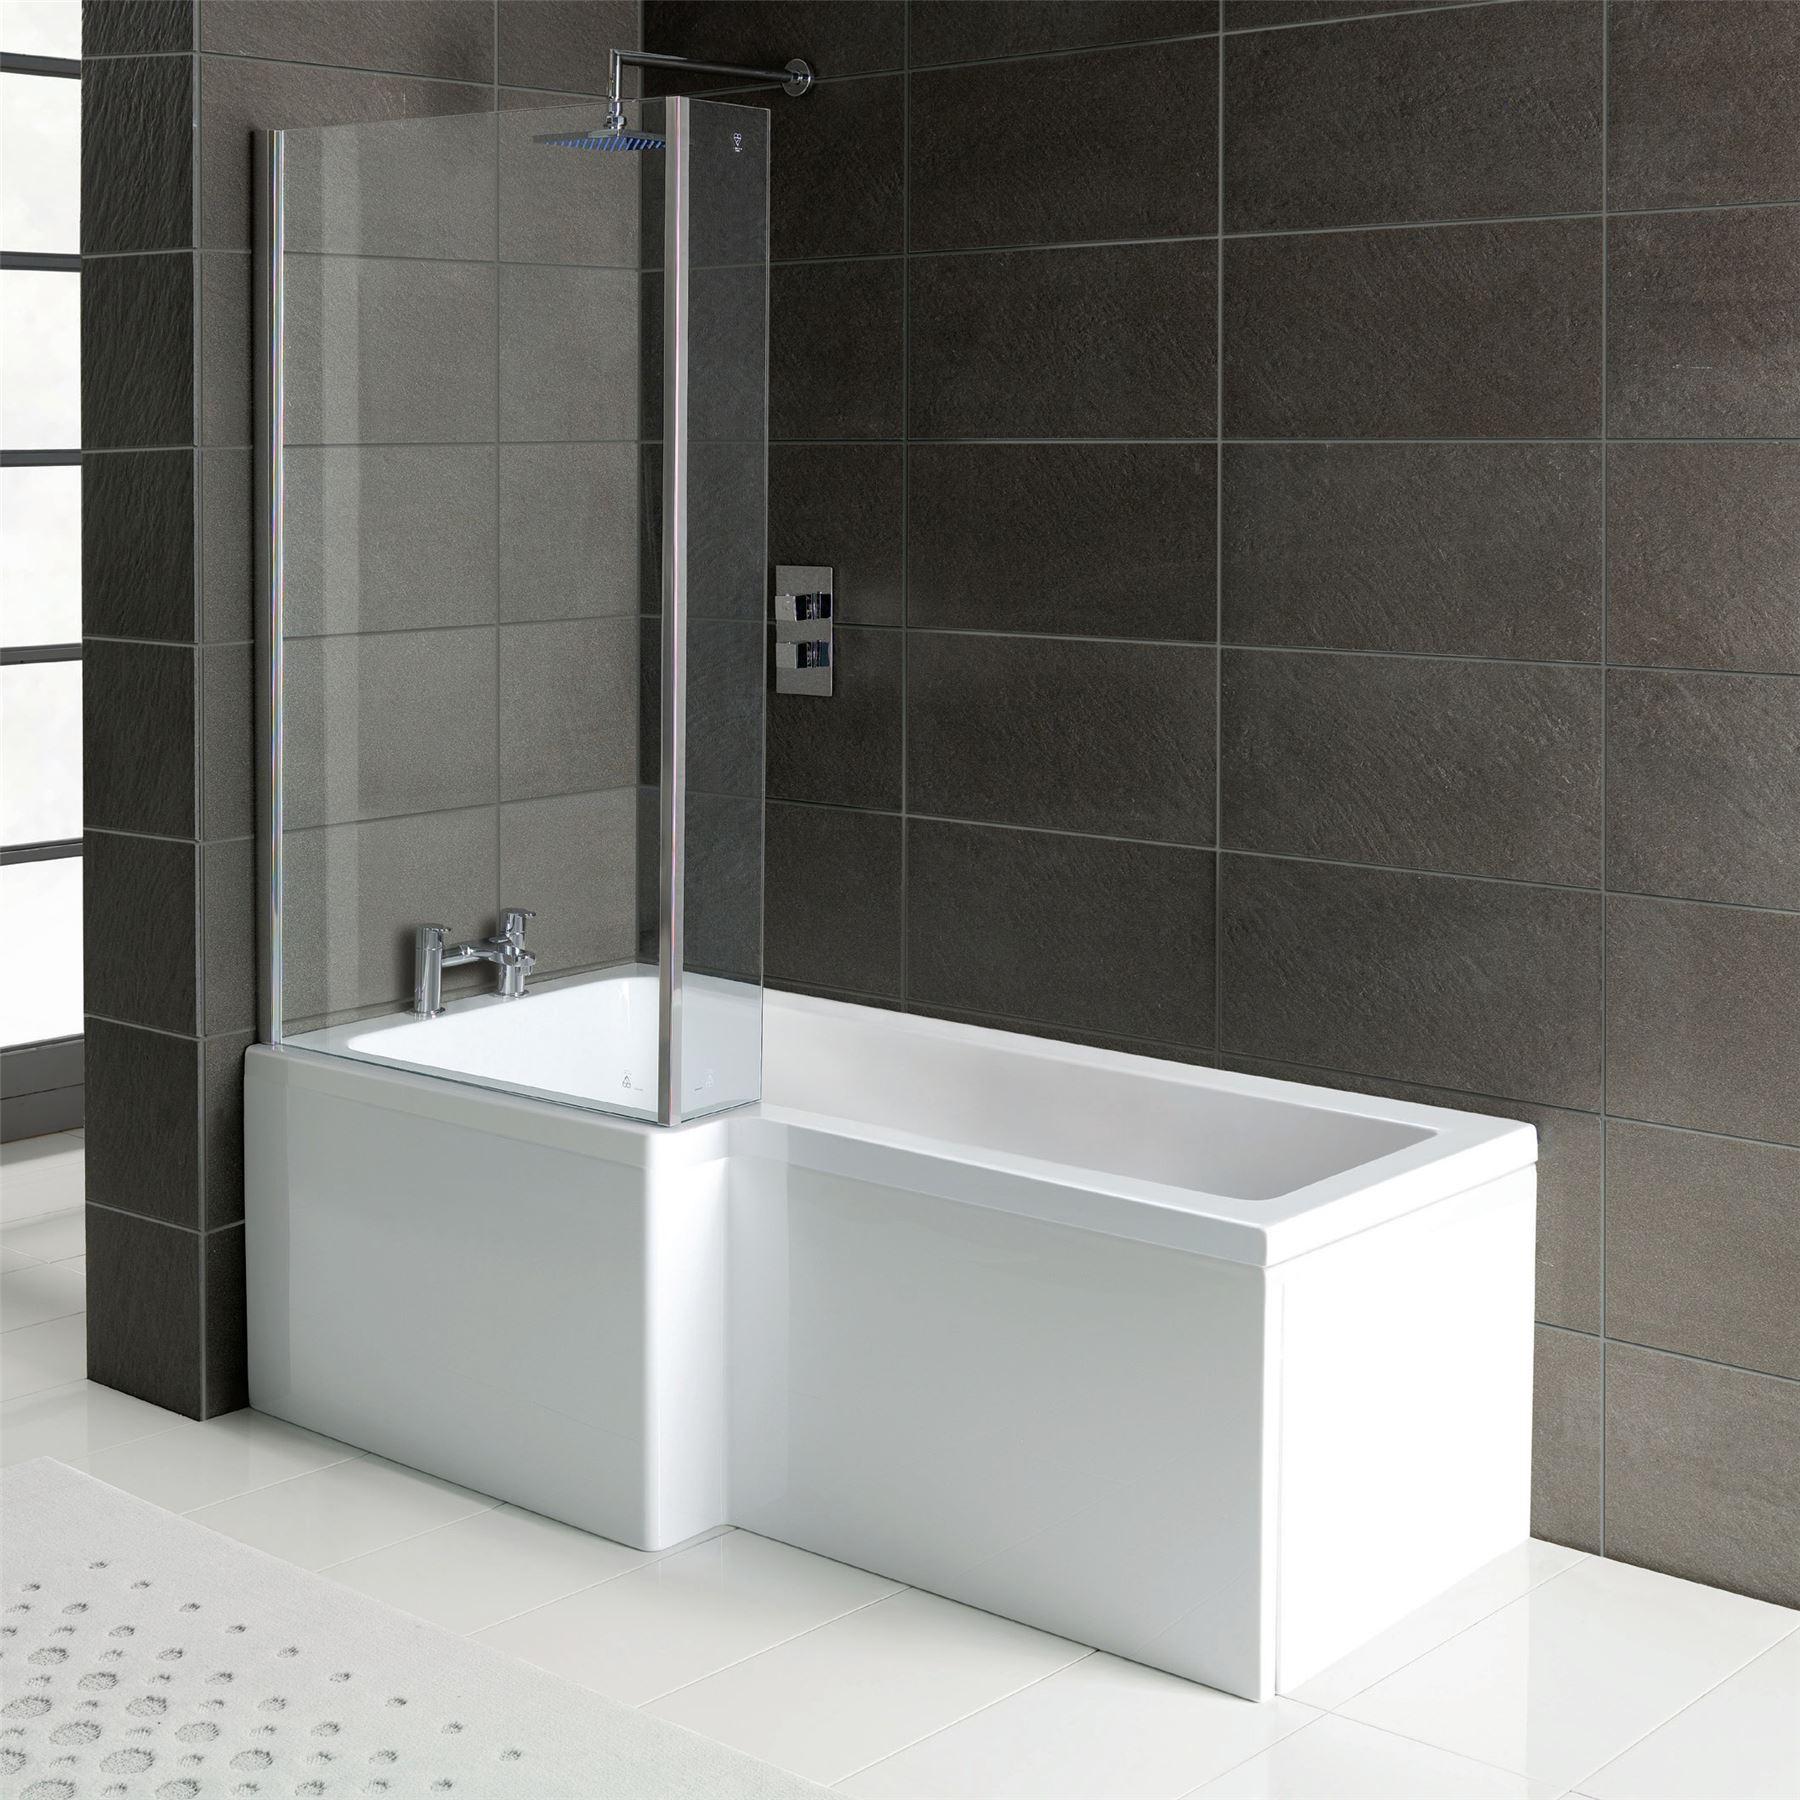 Bathroom Suites Ebay Bathrooms Suite L Shape Bath Shower Square Toilet Amp 600mm